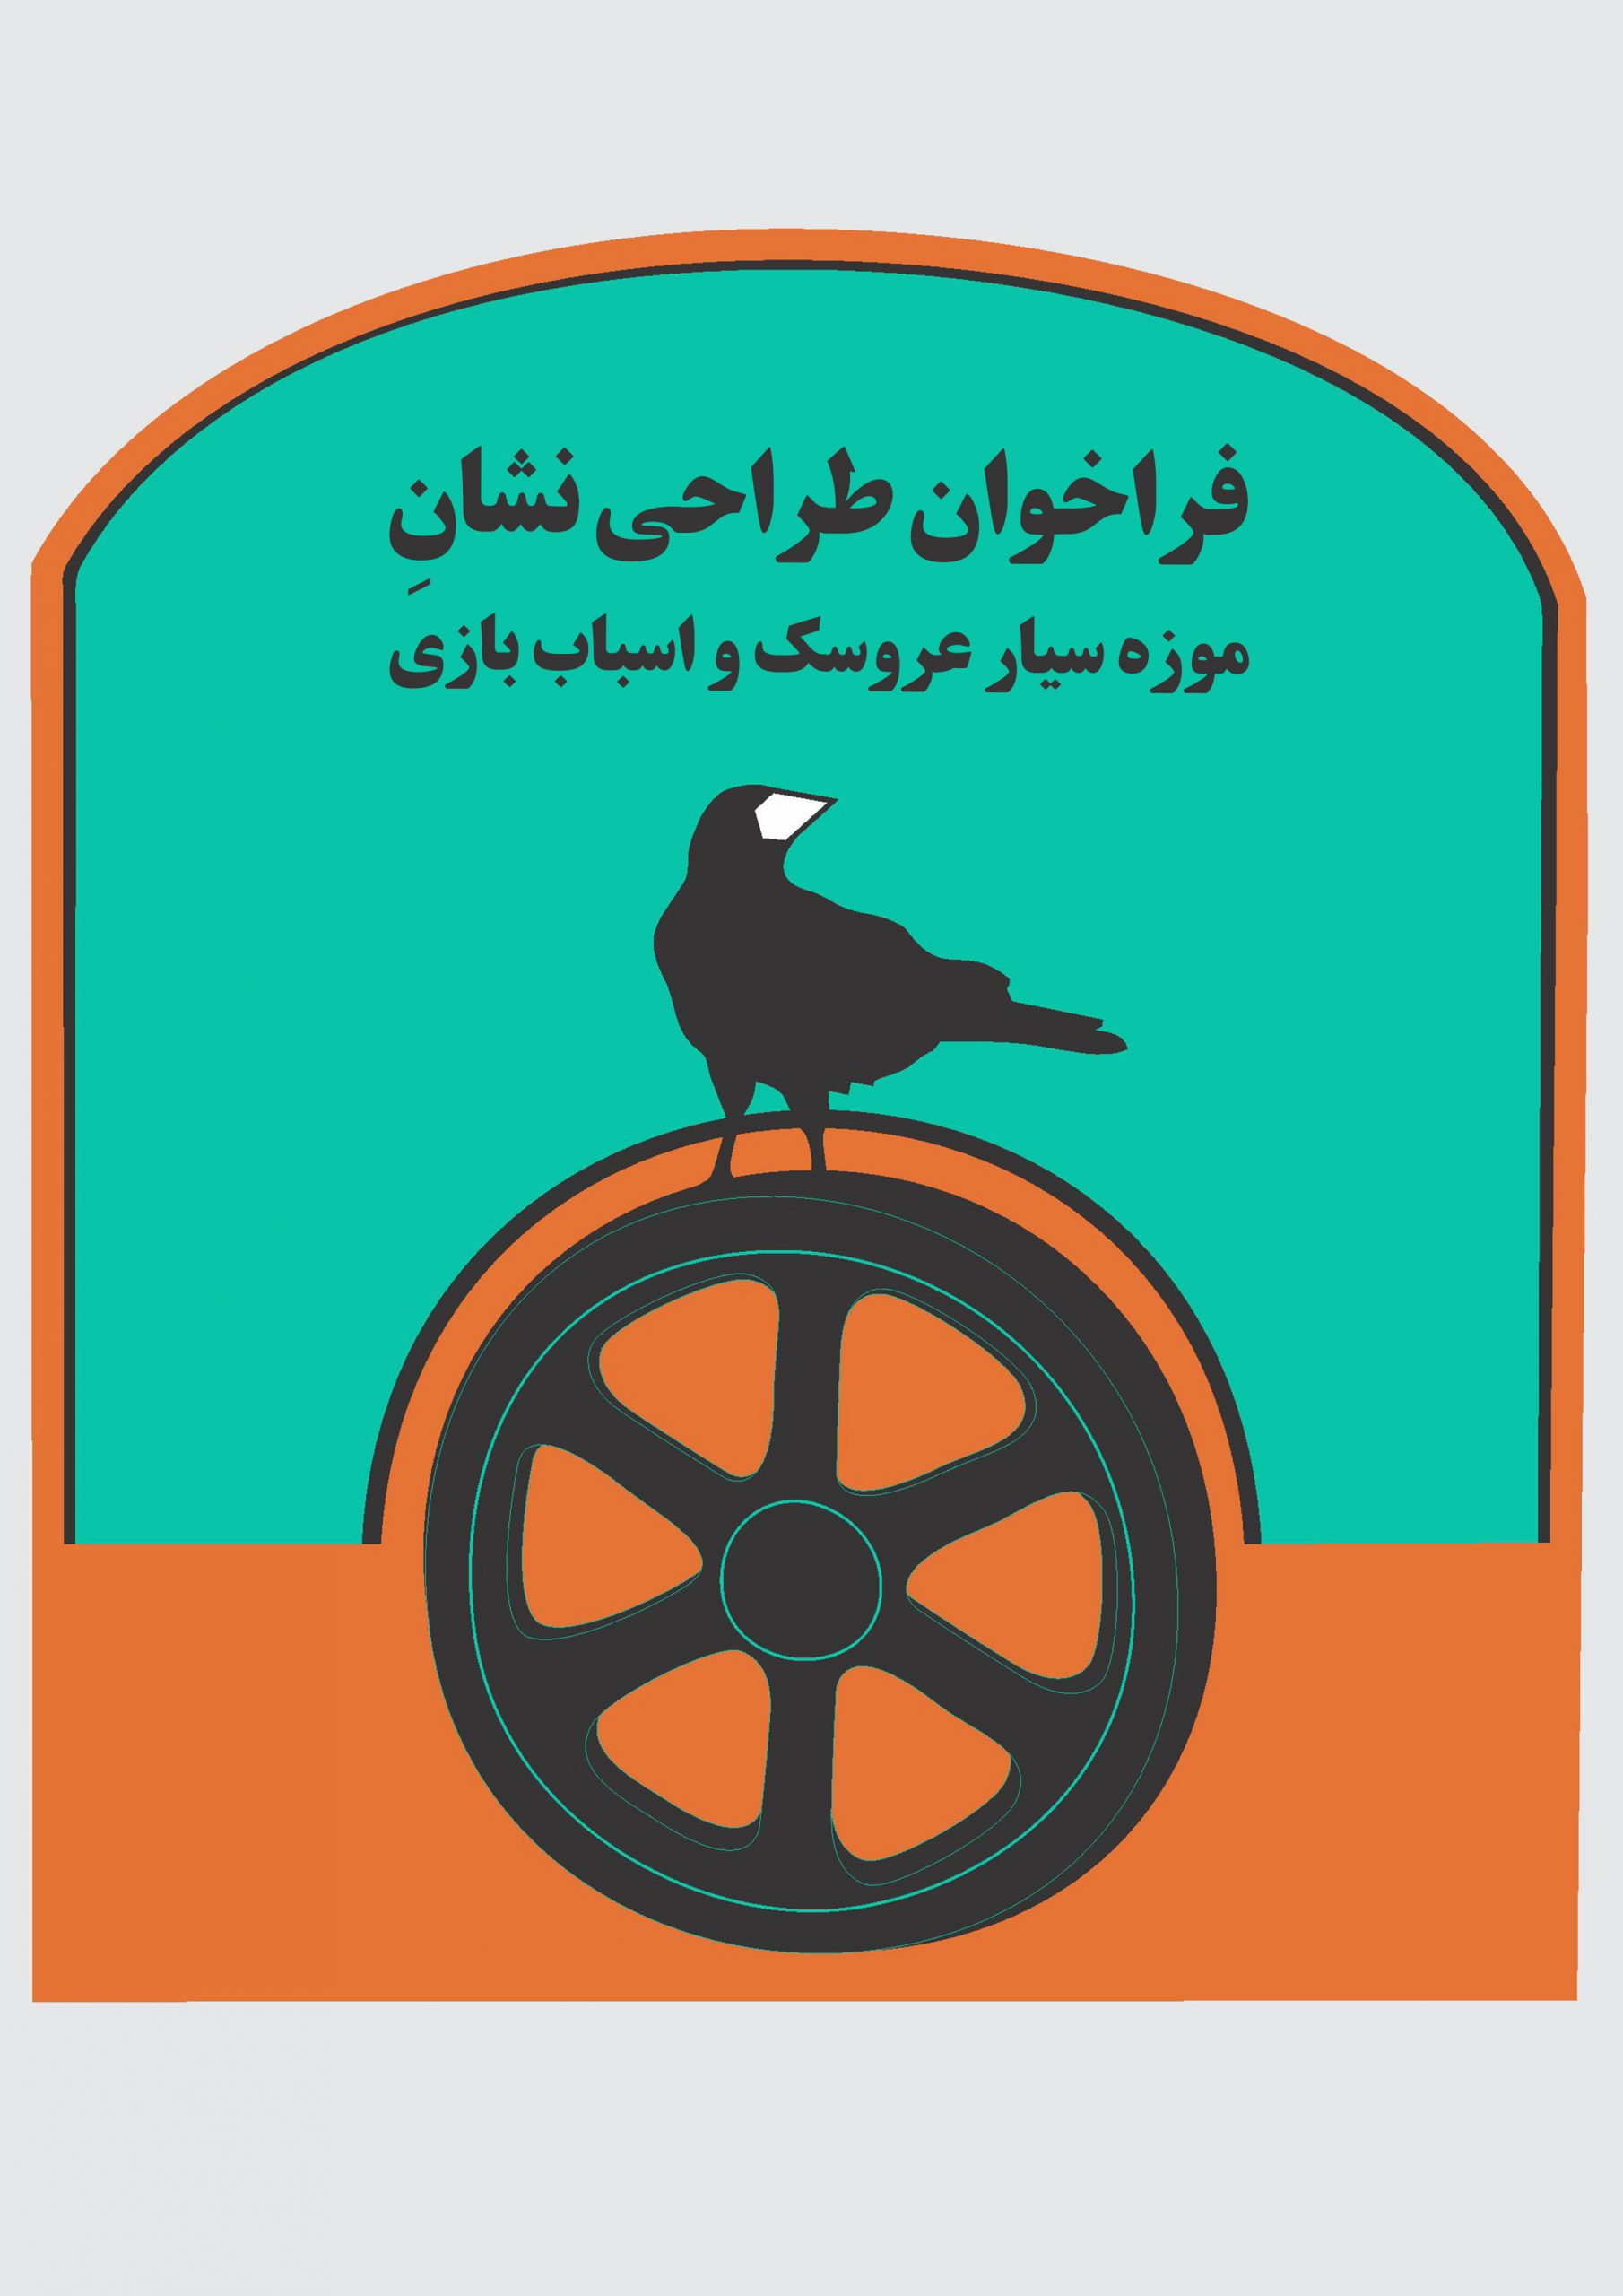 فراخوان طراحی نشان موزه سیار عروسک و اسباب بازی